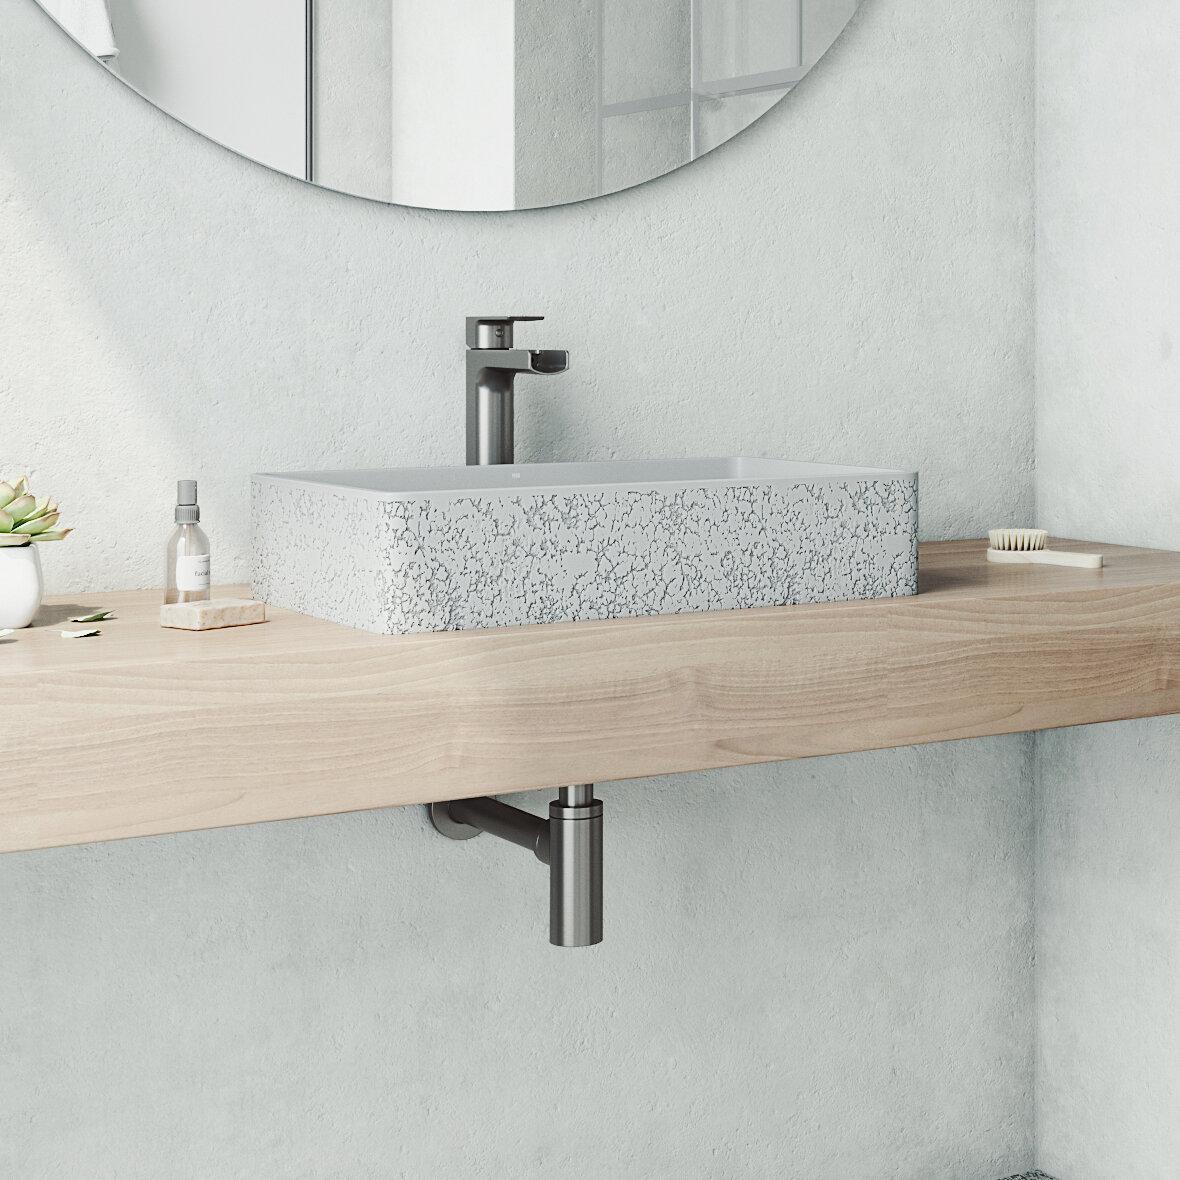 Vigo Handmade Dahlia Stone Rectangular Vessel Bathroom Sink With Faucet Reviews Wayfair